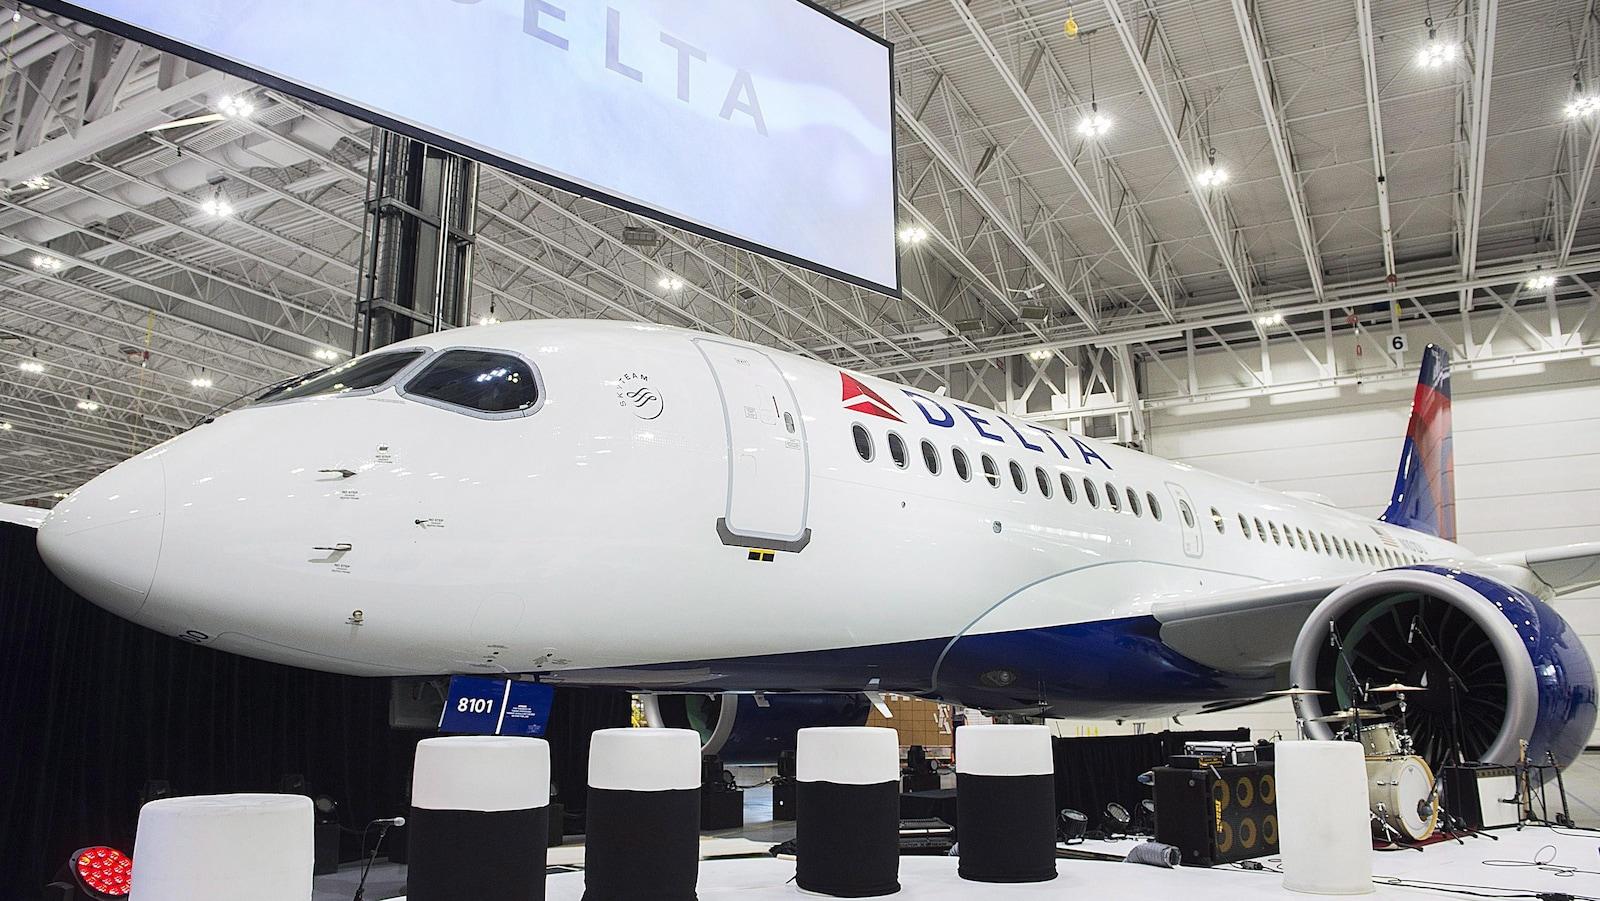 Delta est la première compagnie aérienne en Amérique du Nord à acheter l'avion anciennement construit sous l'enseigne C Series de Bombardier.